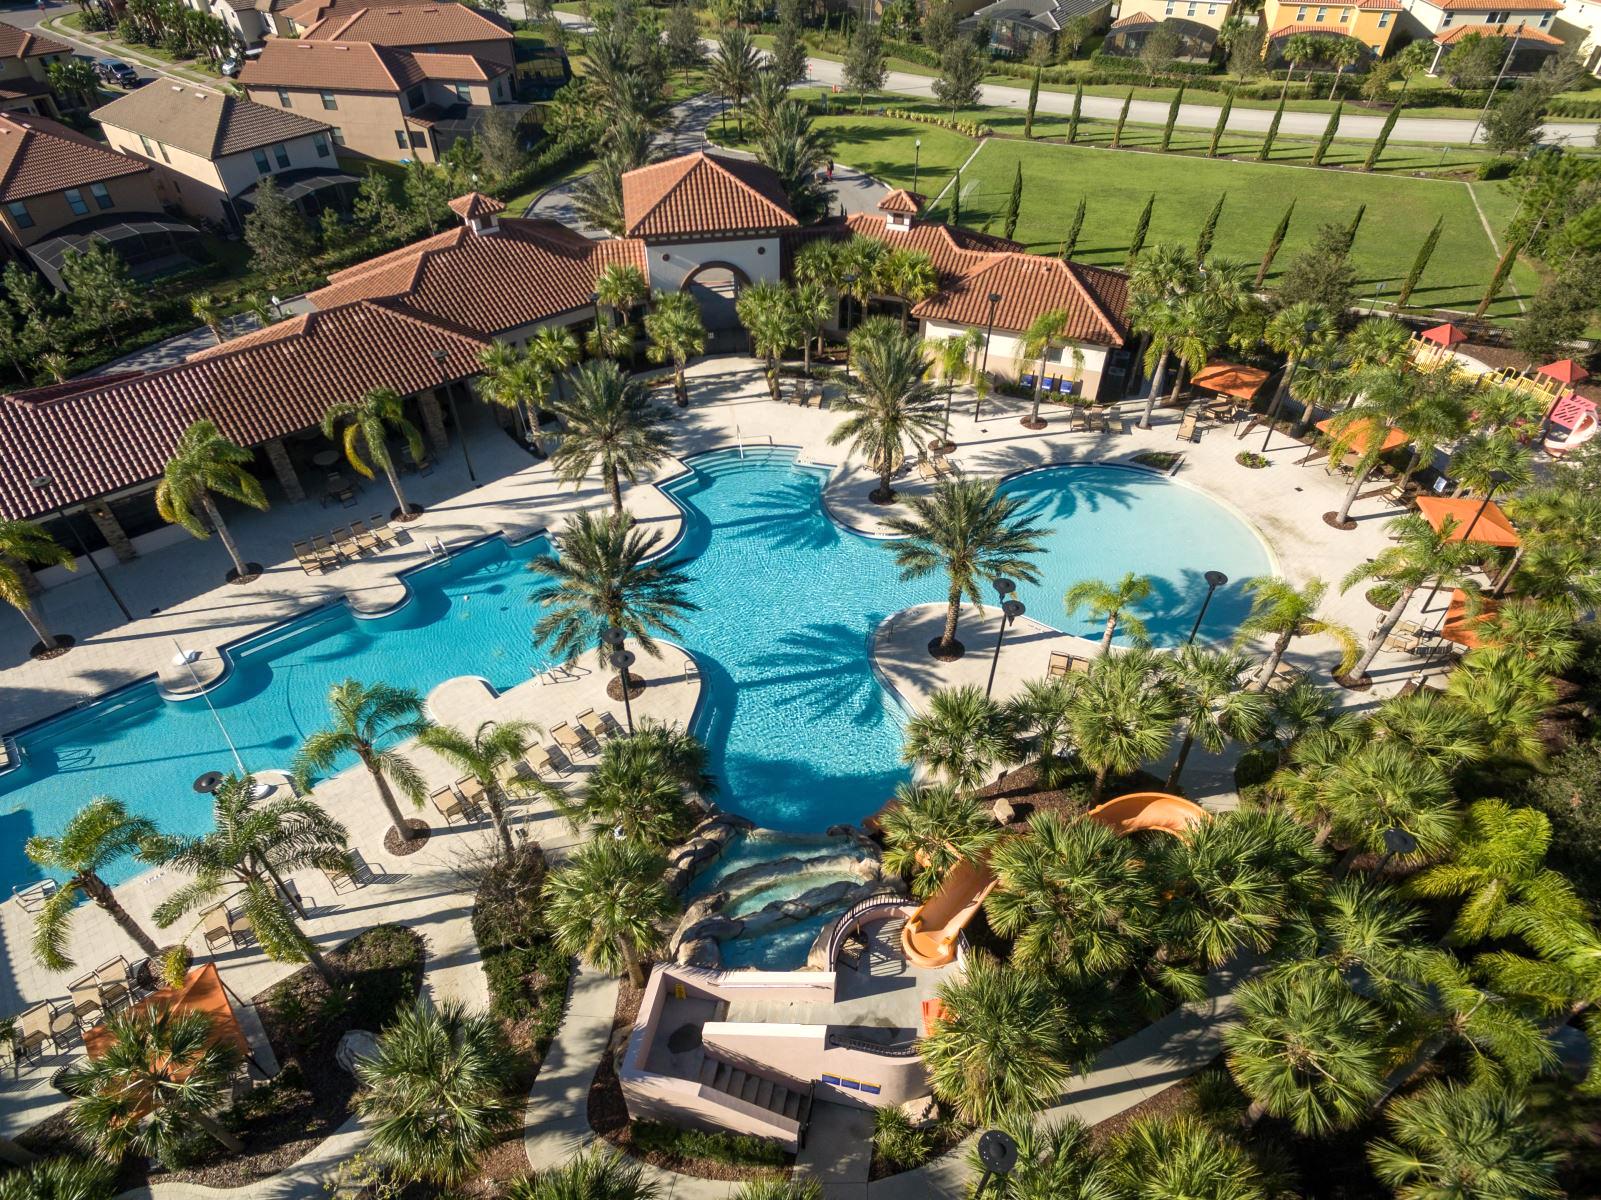 Villas in Solterra Resort